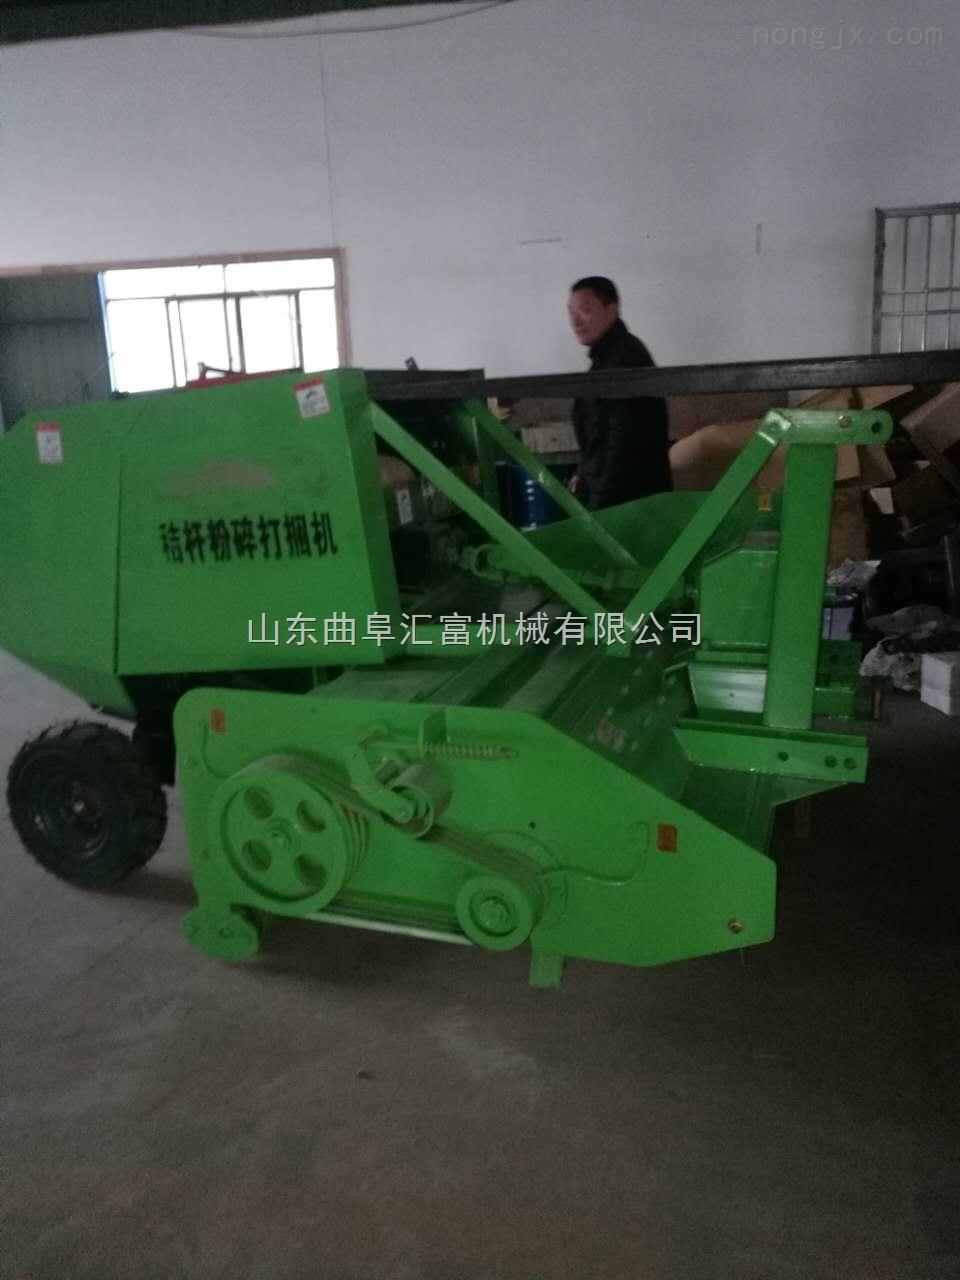 自动粉碎打捆一体机报价 河北厂家直销多功能玉米秸秆粉碎机